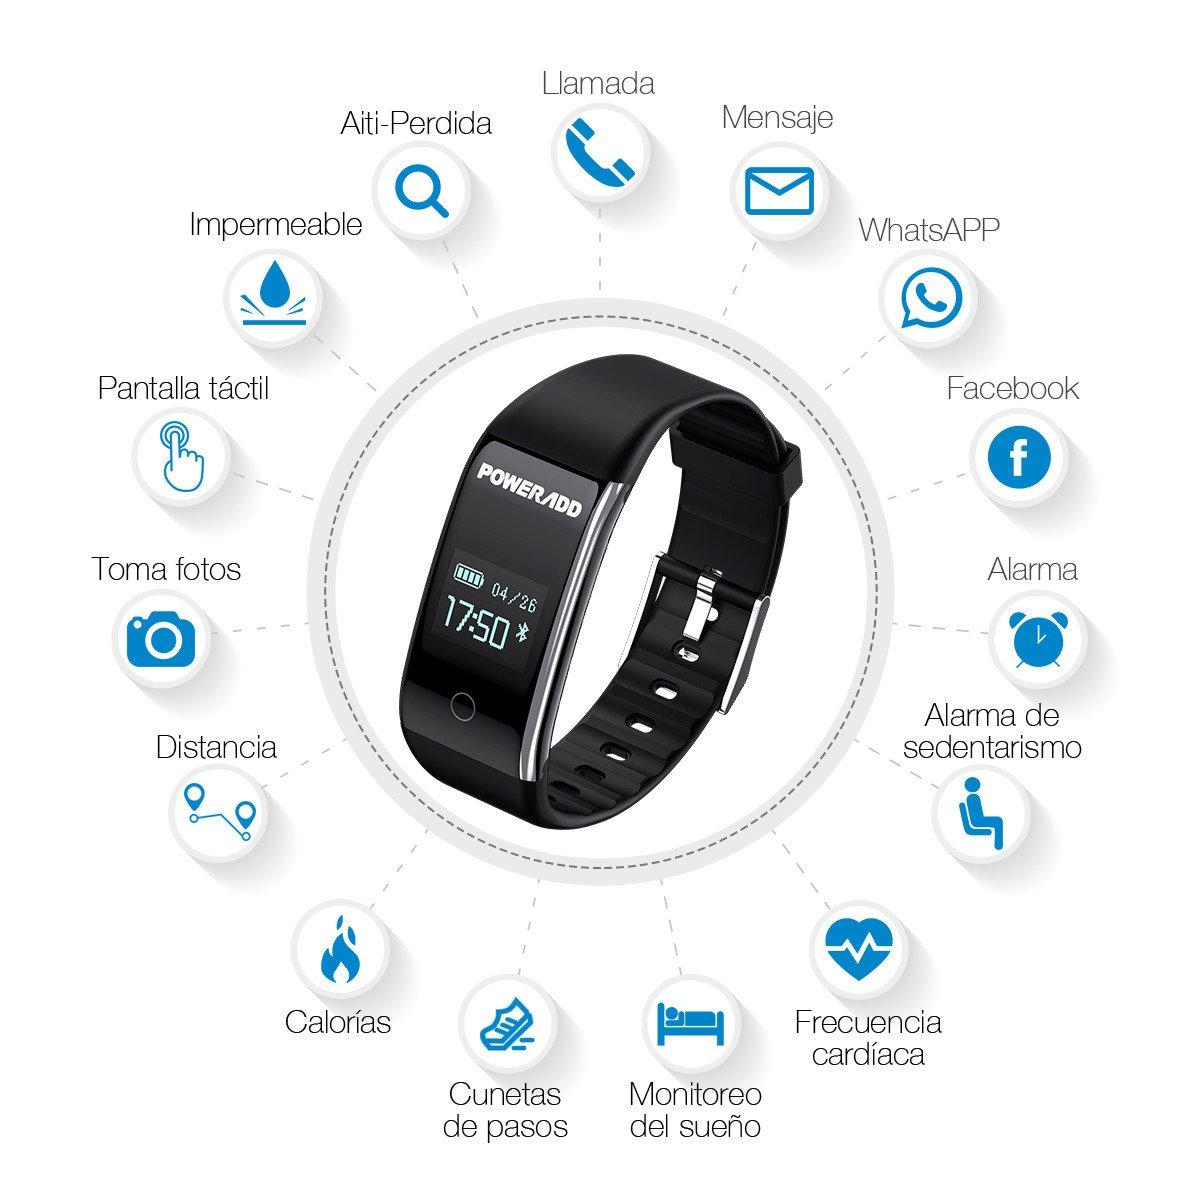 Poweradd Pulsera Inteligente de Presión Arterial y Frecuencia Cardíaca con Recordatorio de Llamada,Mensaje,Sentatorio etc. Compatible con iOS, Andriod.Color Negro.